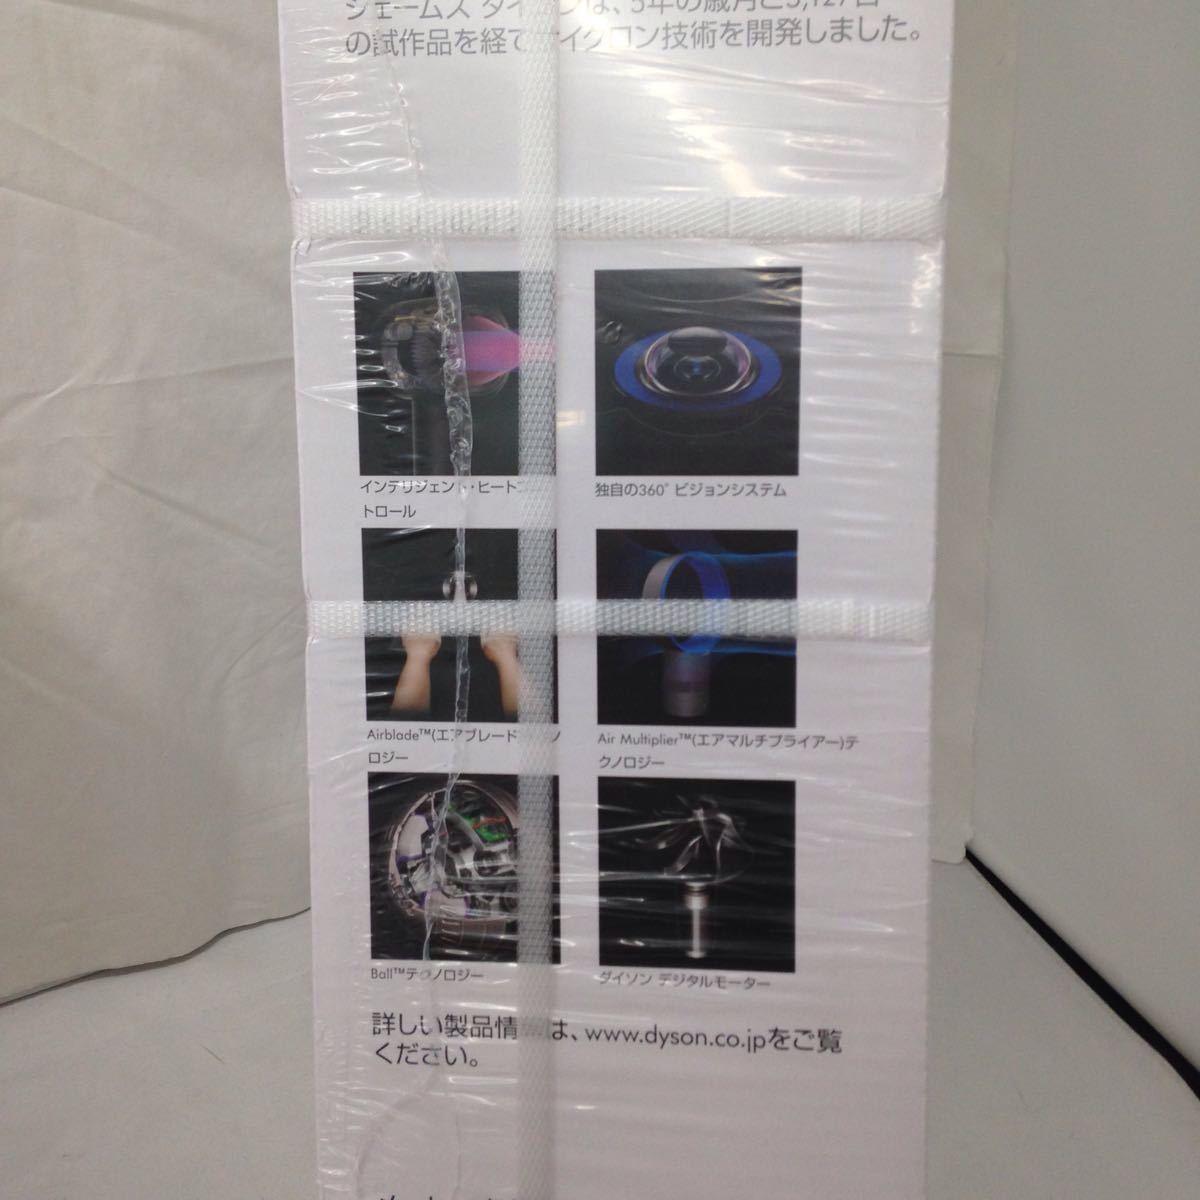 【新品】dyson ダイソン sv11 コードレスクリーナー v7fluffy_画像3